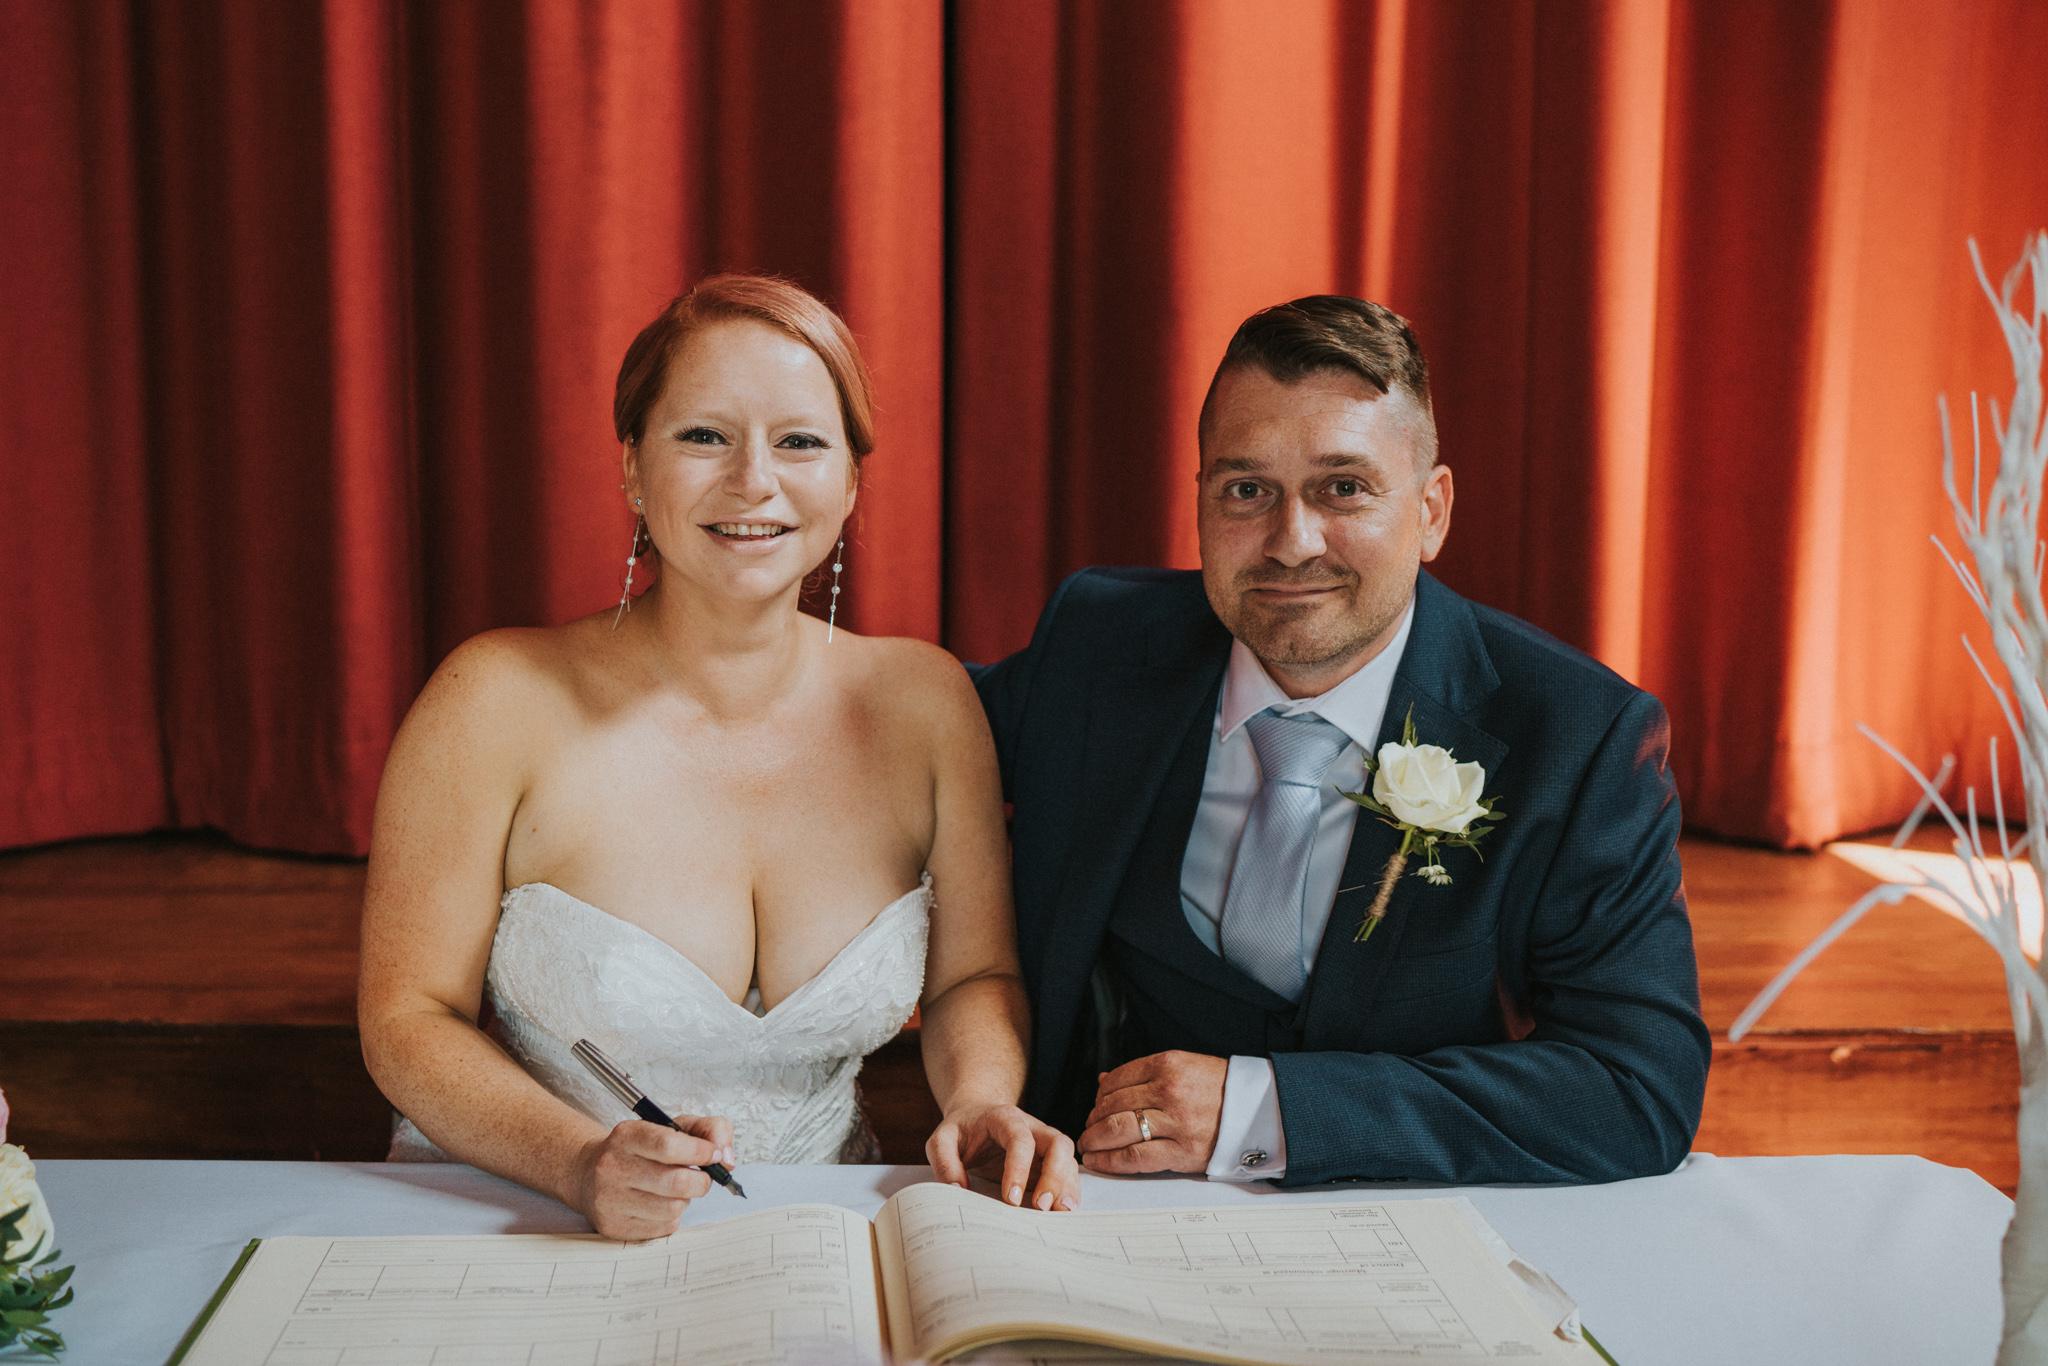 steph-neil-red-brick-barn-rochford-wedding-grace-elizabeth-colchester-essex-alternative-wedding-photographer-essex-suffolk-norfolk-devon (17 of 43).jpg